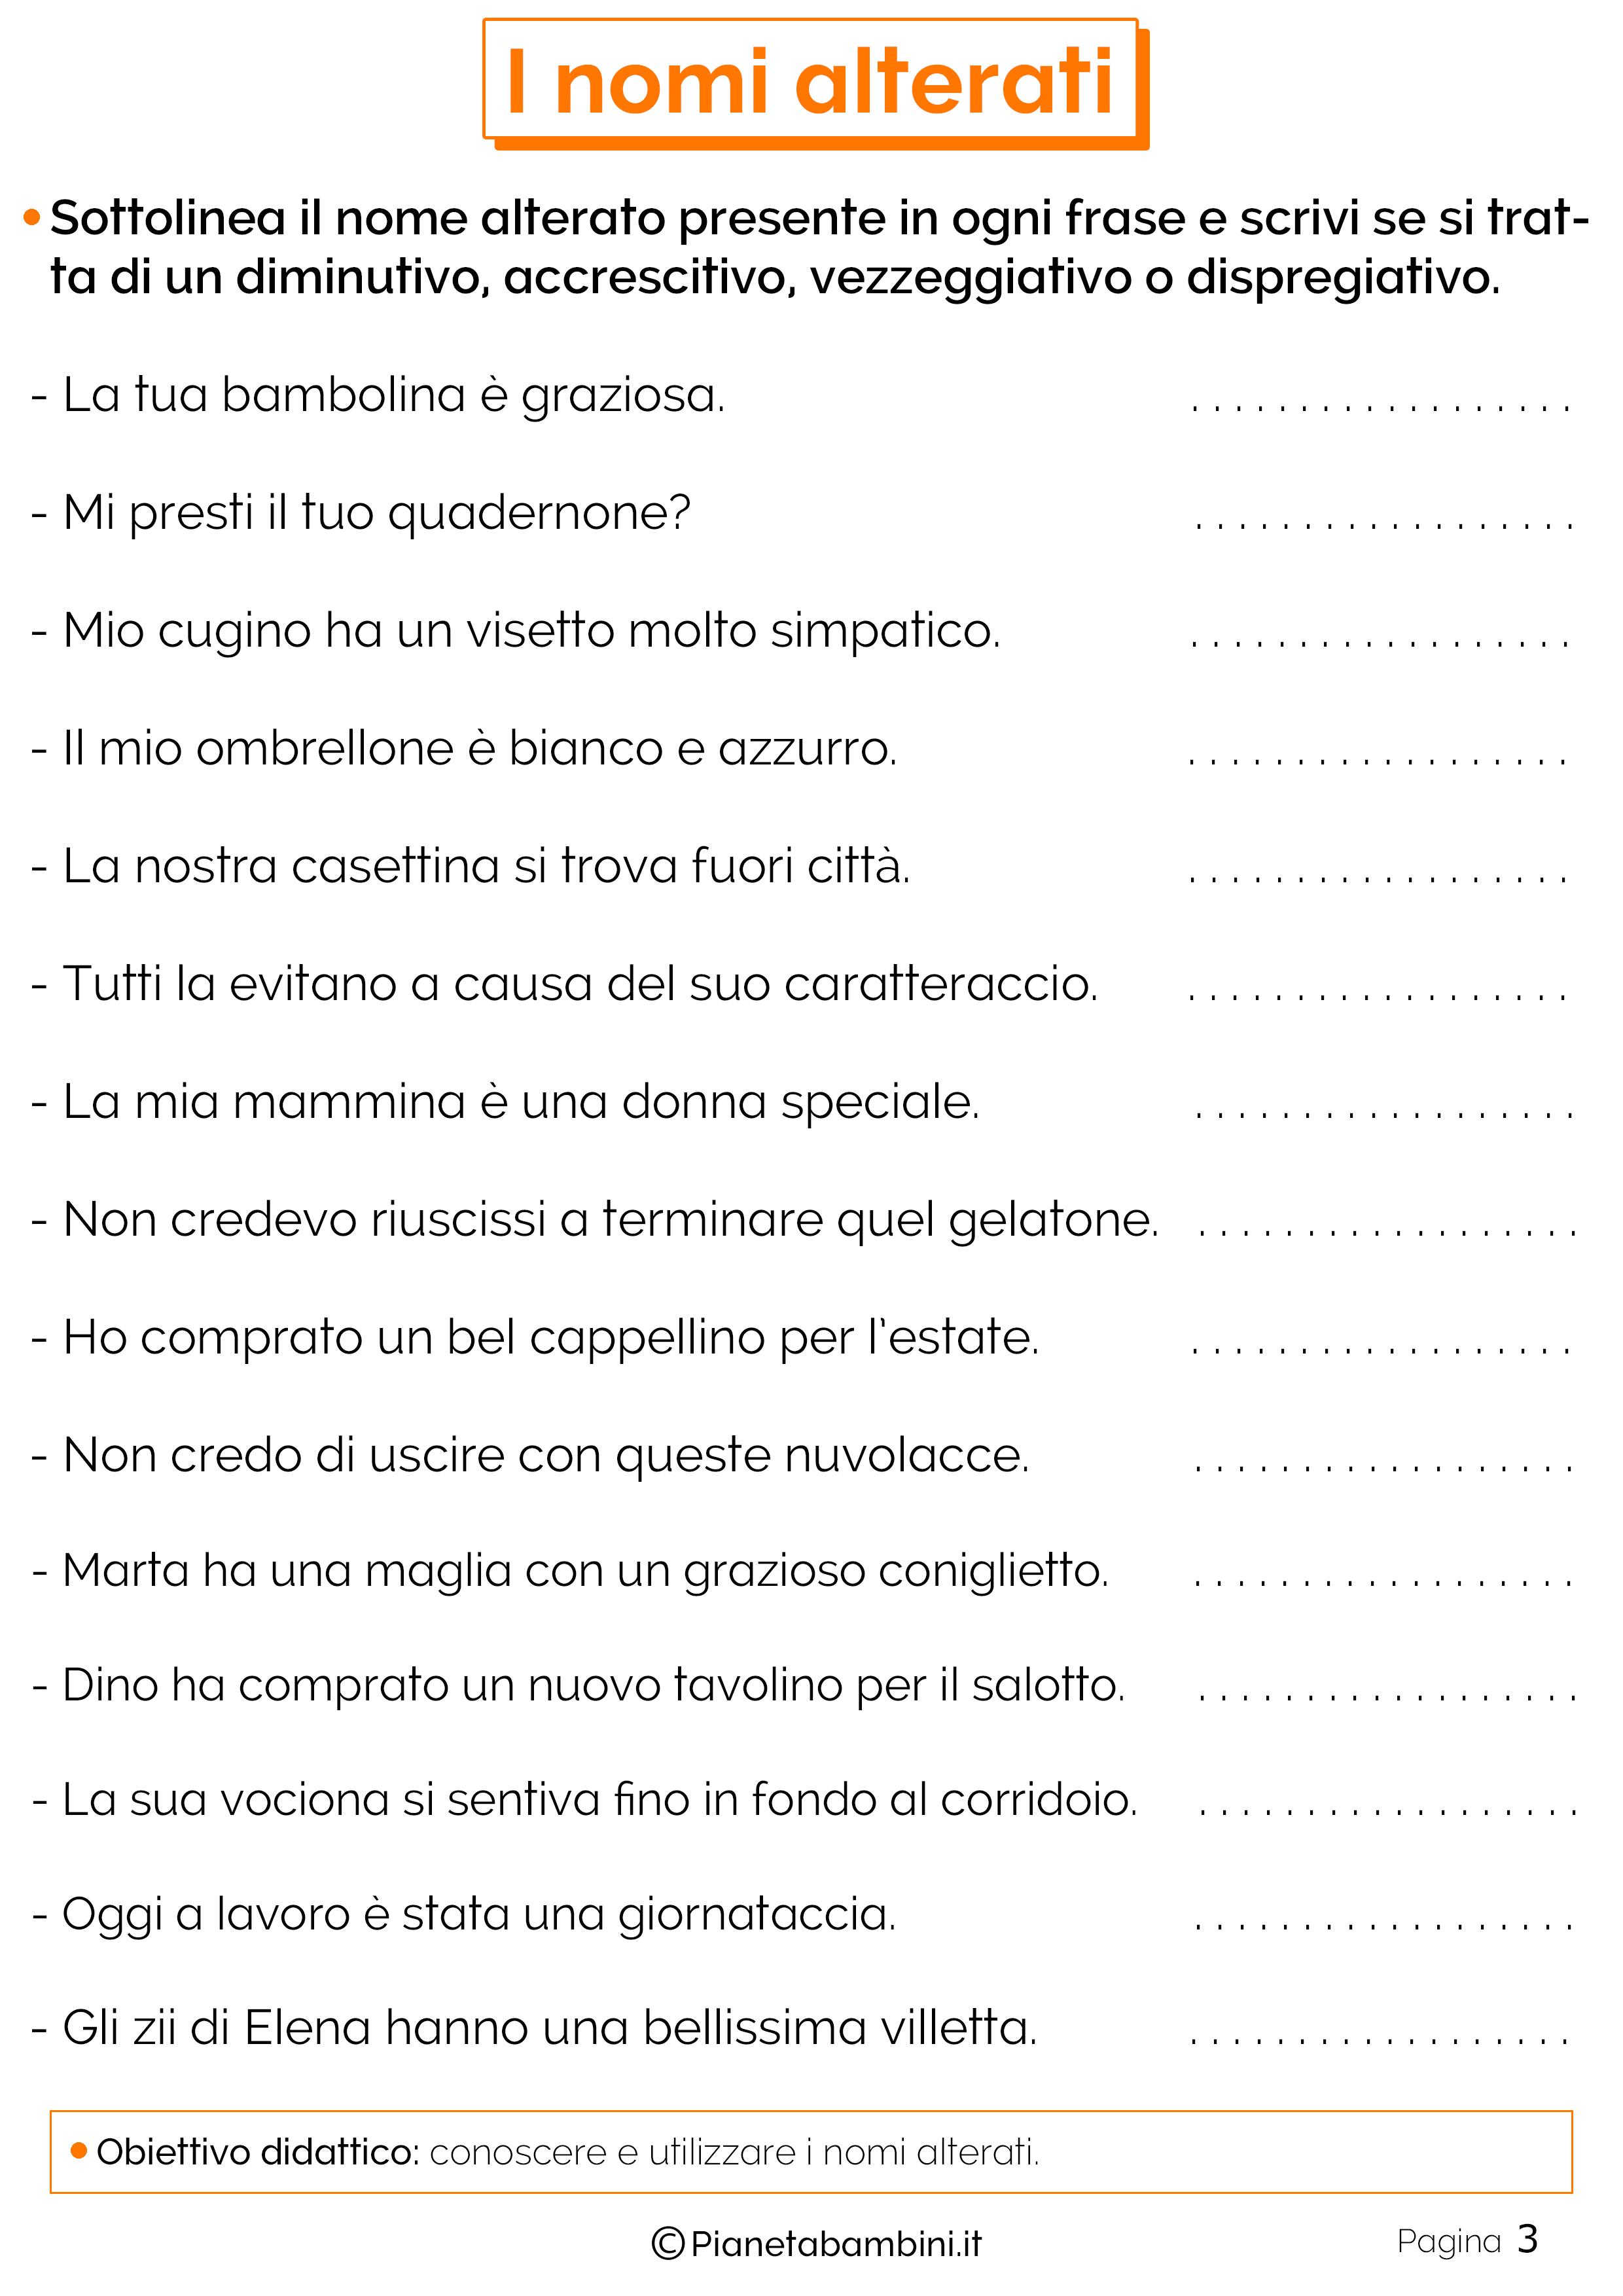 I Nomi Alterati Esercizi Per La Scuola Primaria Pianetabambiniit